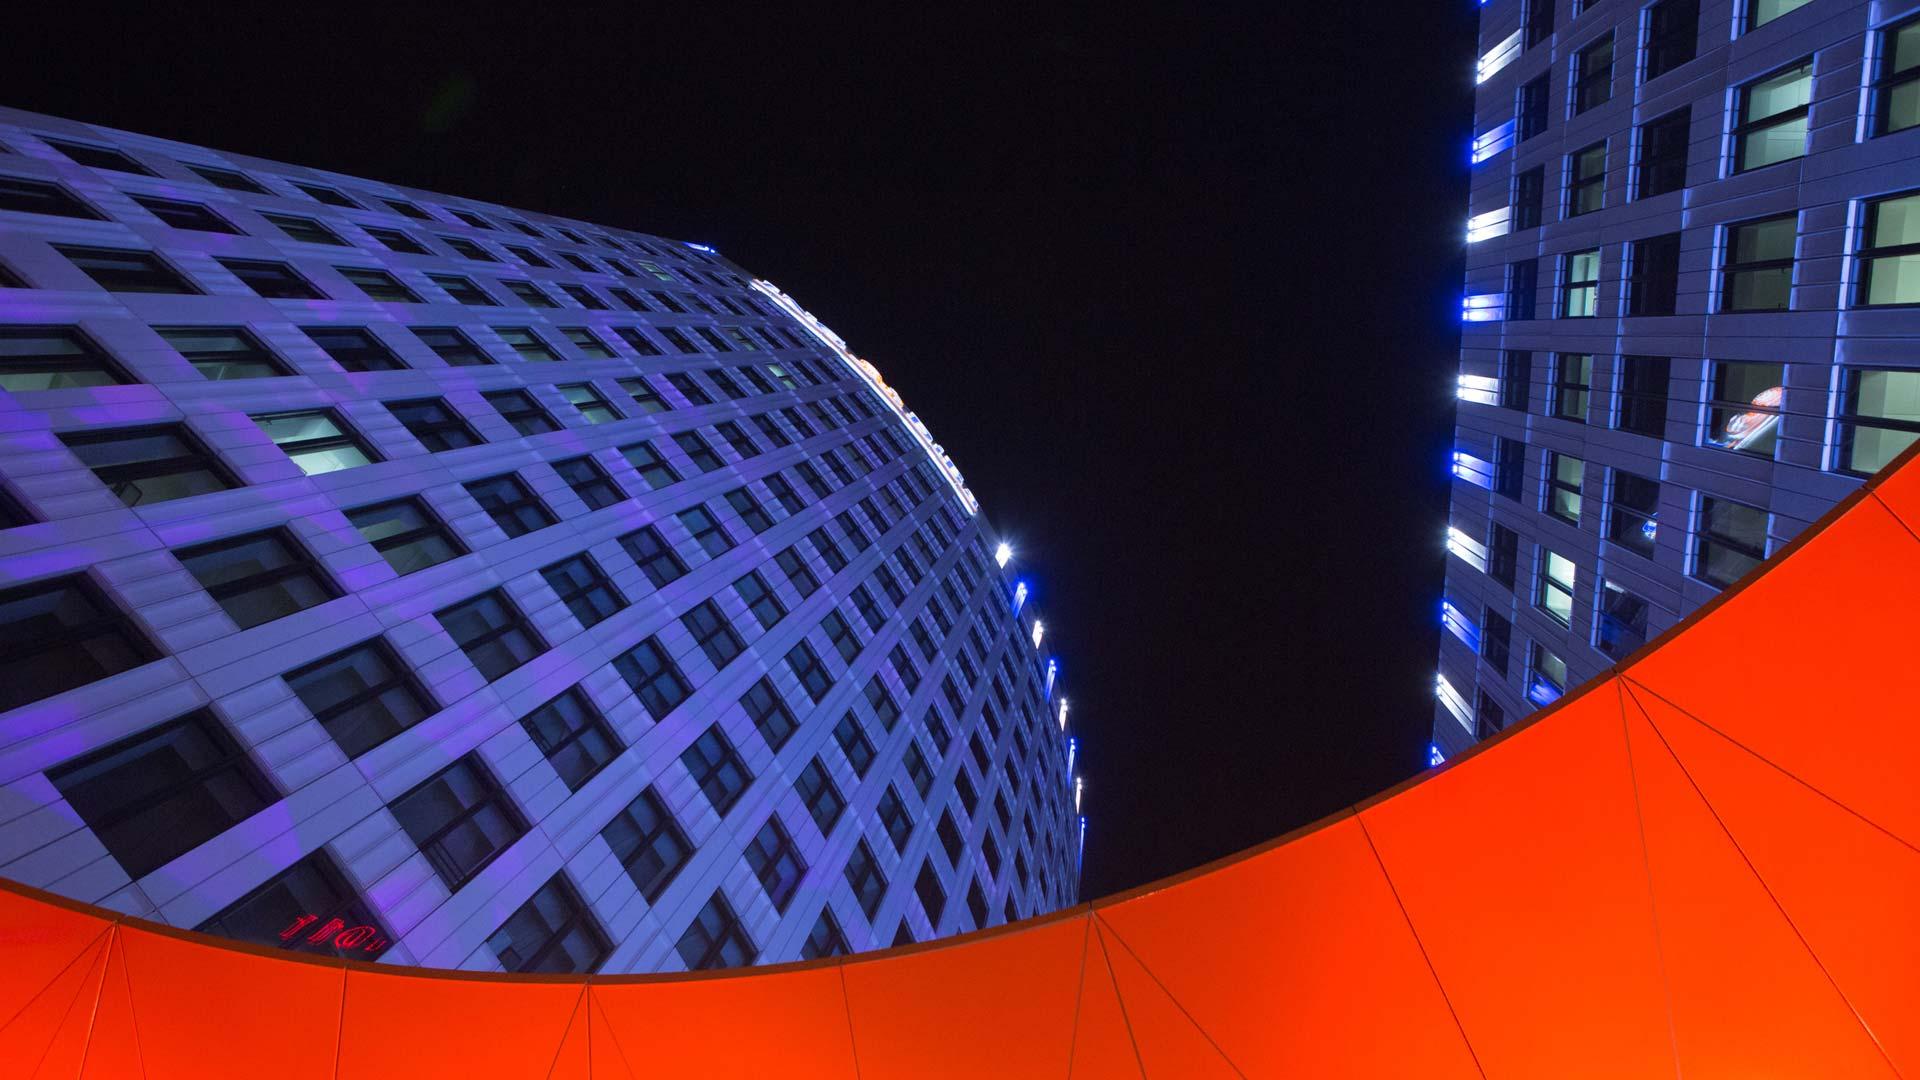 MAASS-Lichtplanung_Lichkunst zur Luminale 2016 am ING-DiBa Gebäude__MAASS-Luminaleo-001